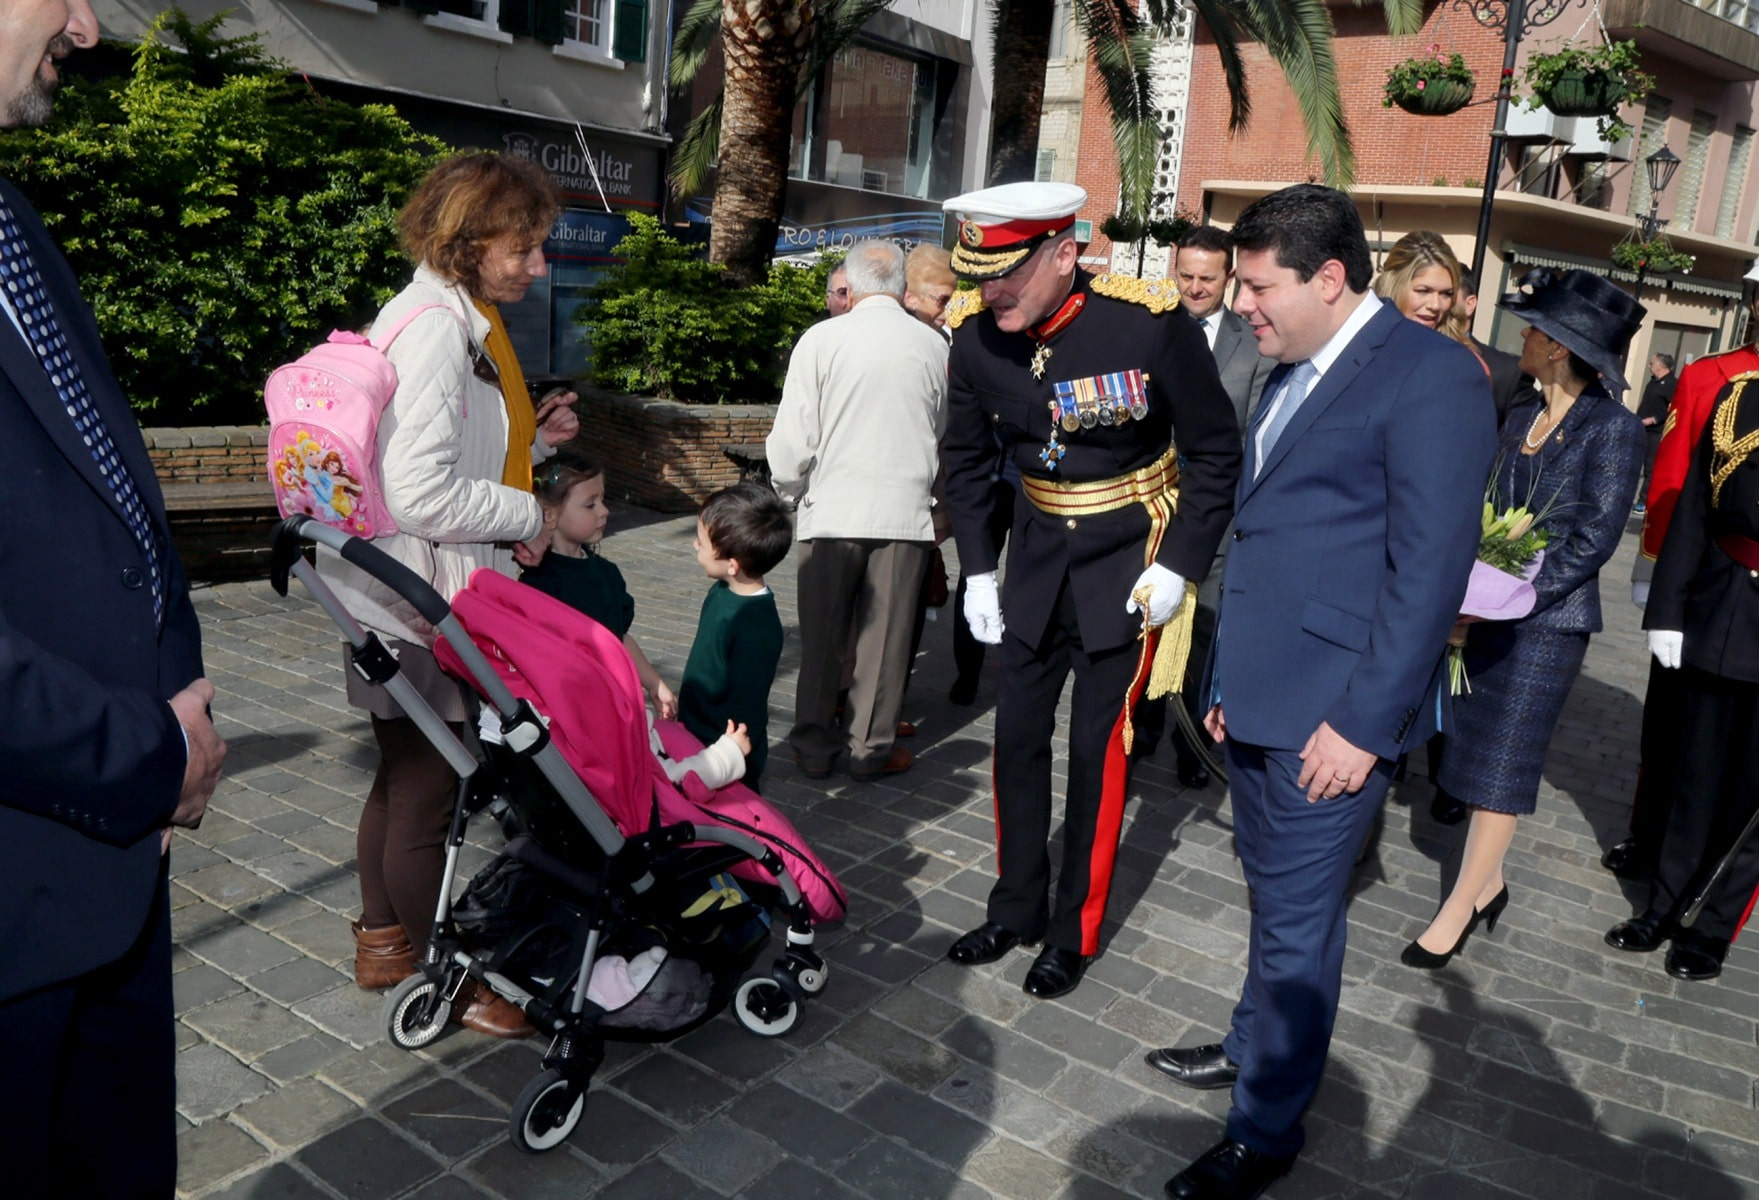 gobernador-de-gibraltar-edward-davis_24129248749_o